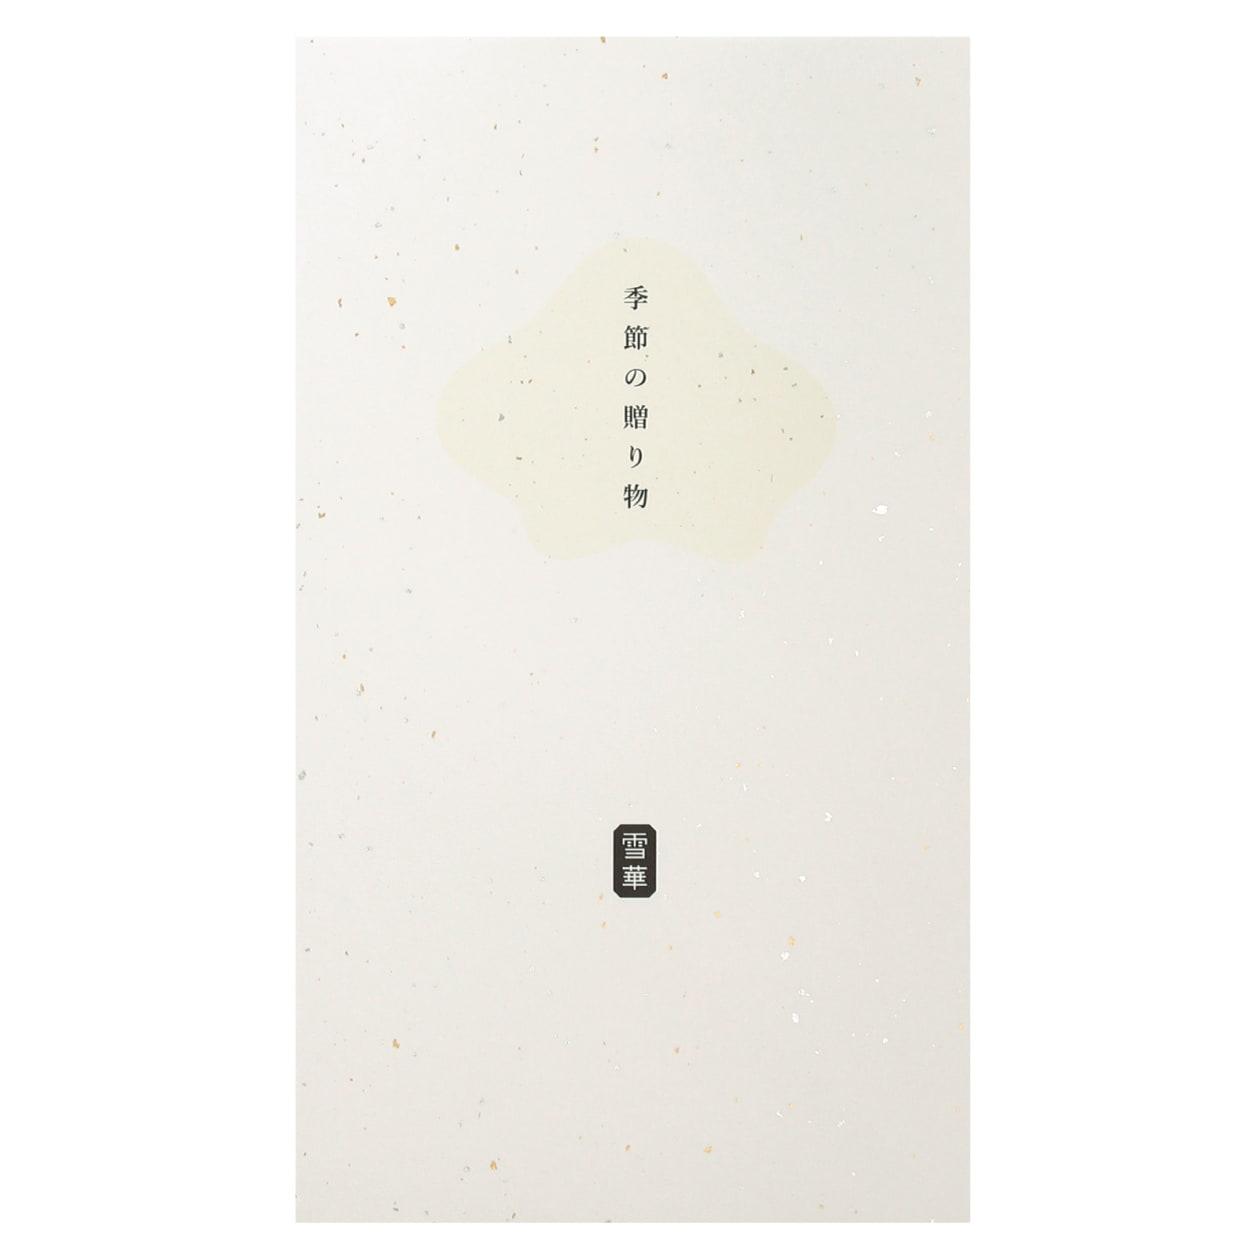 サンプル カード・シート 00173